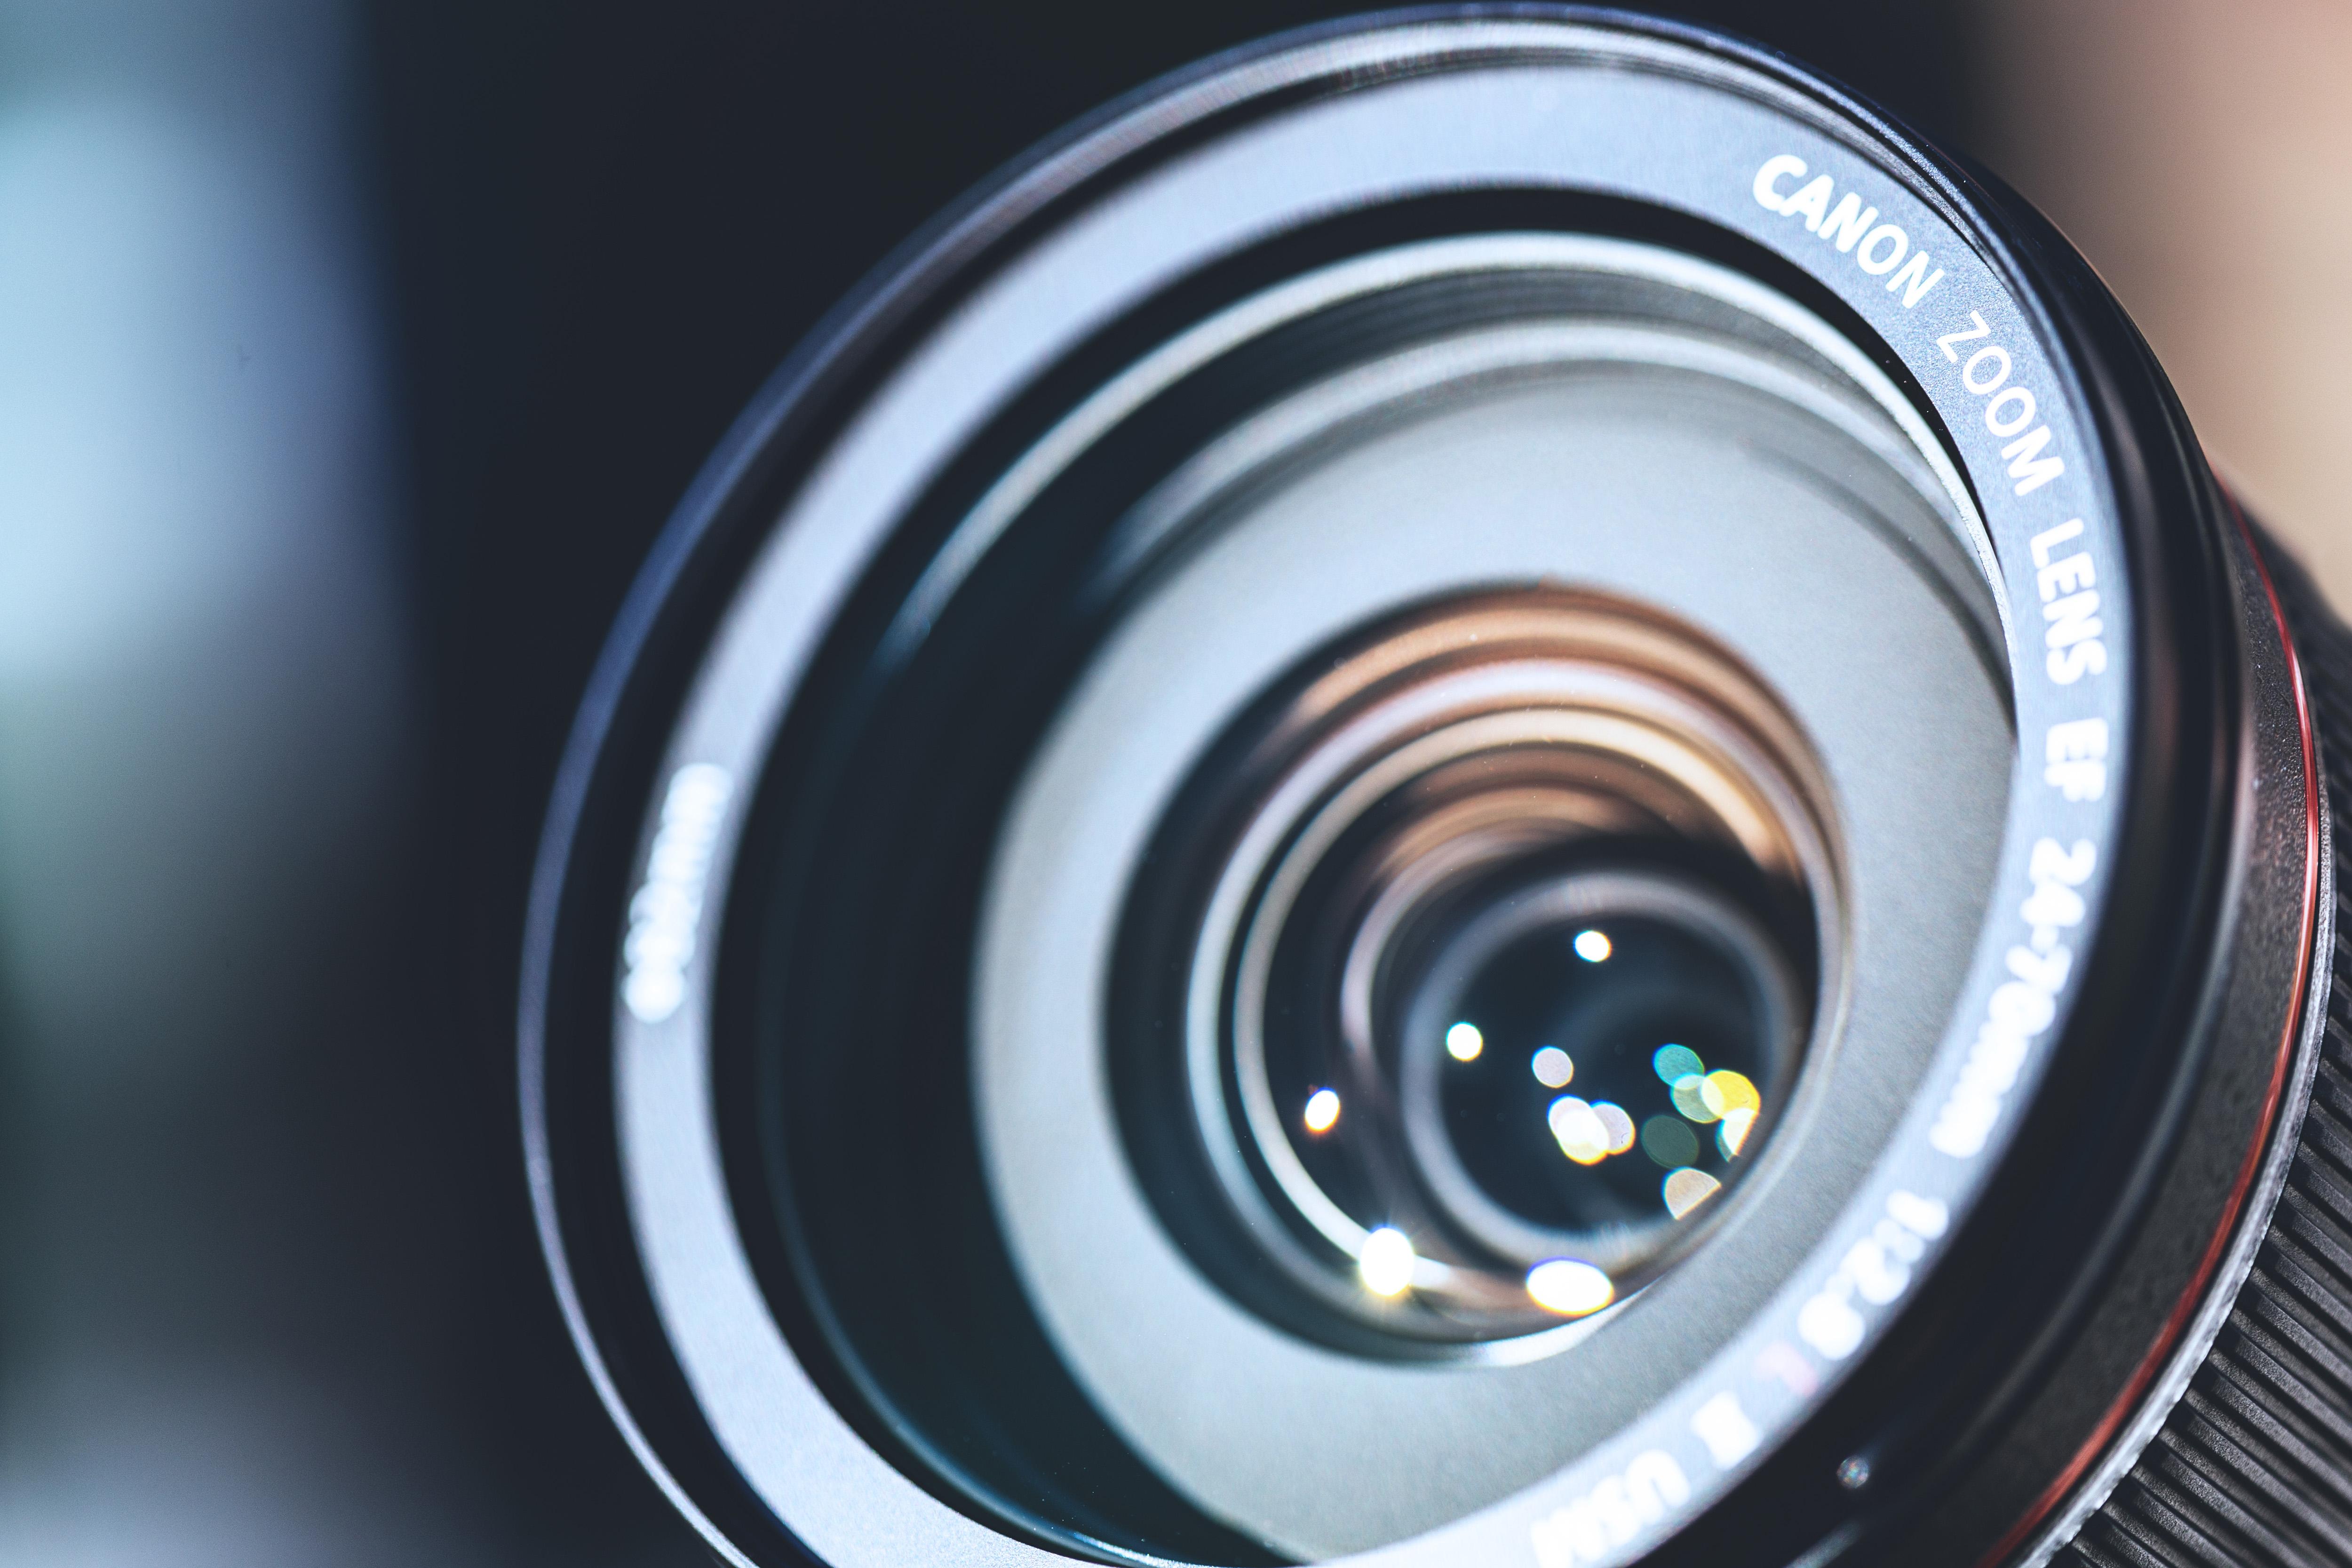 съемках как правильно фотографировать в режиме макро ревва